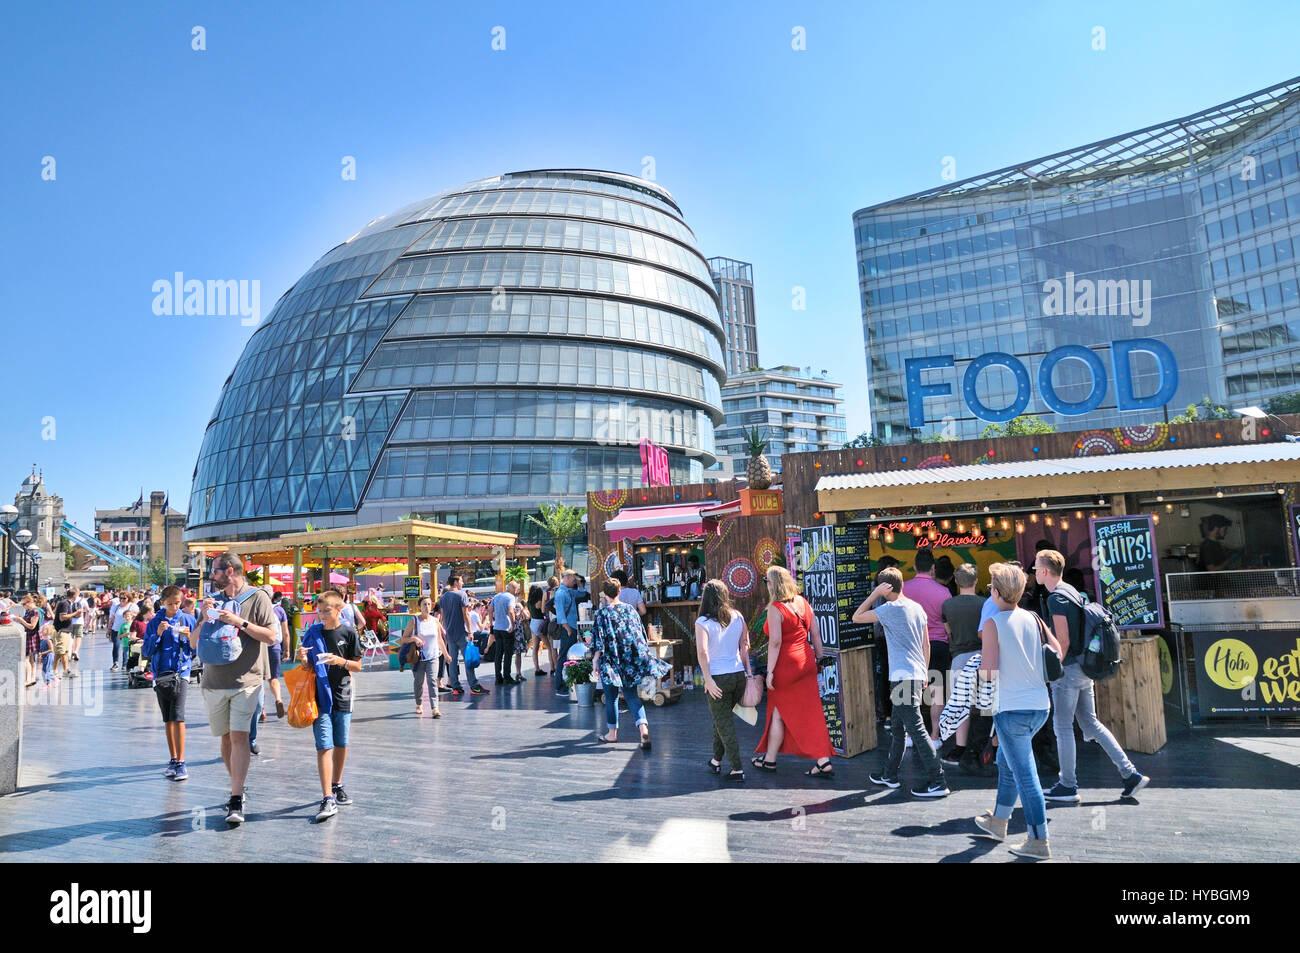 Más Londres Riverside y el Ayuntamiento. Personas disfrutando del verano y puestos de comida en la capital. Imagen De Stock